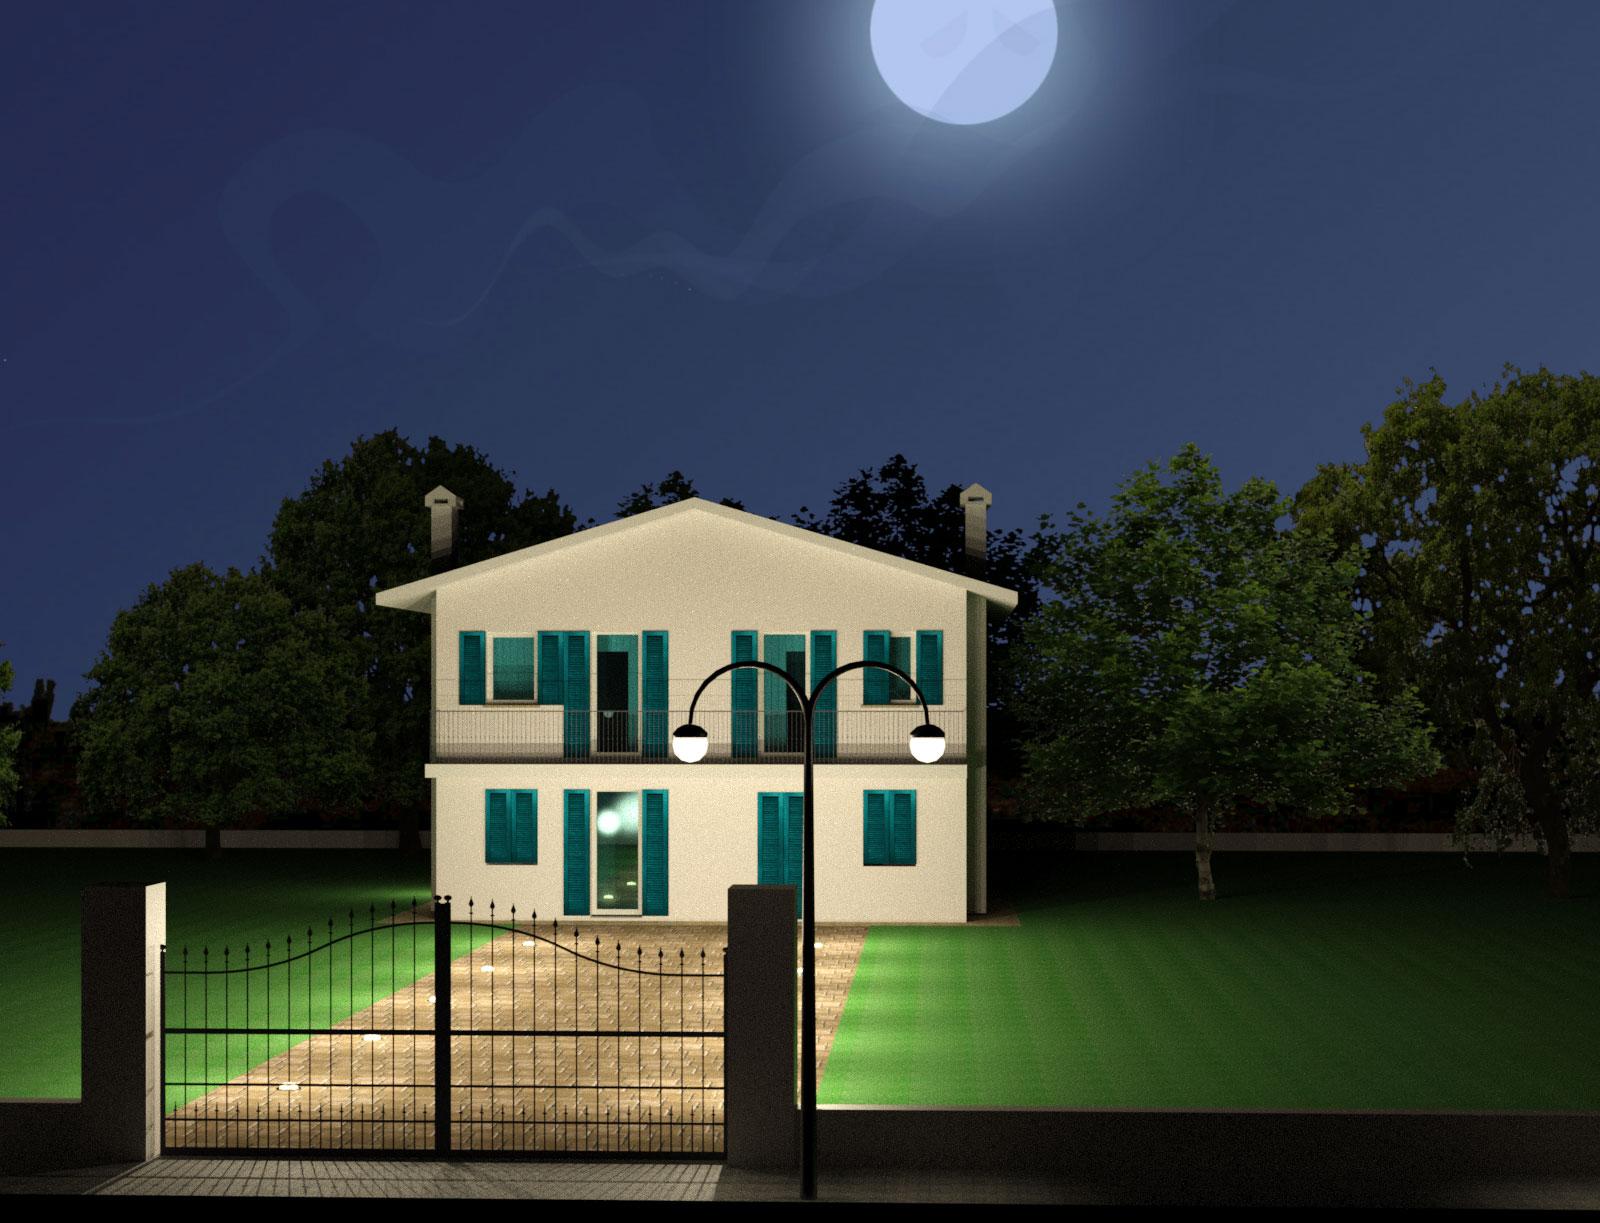 Notte-e-luna-SUD